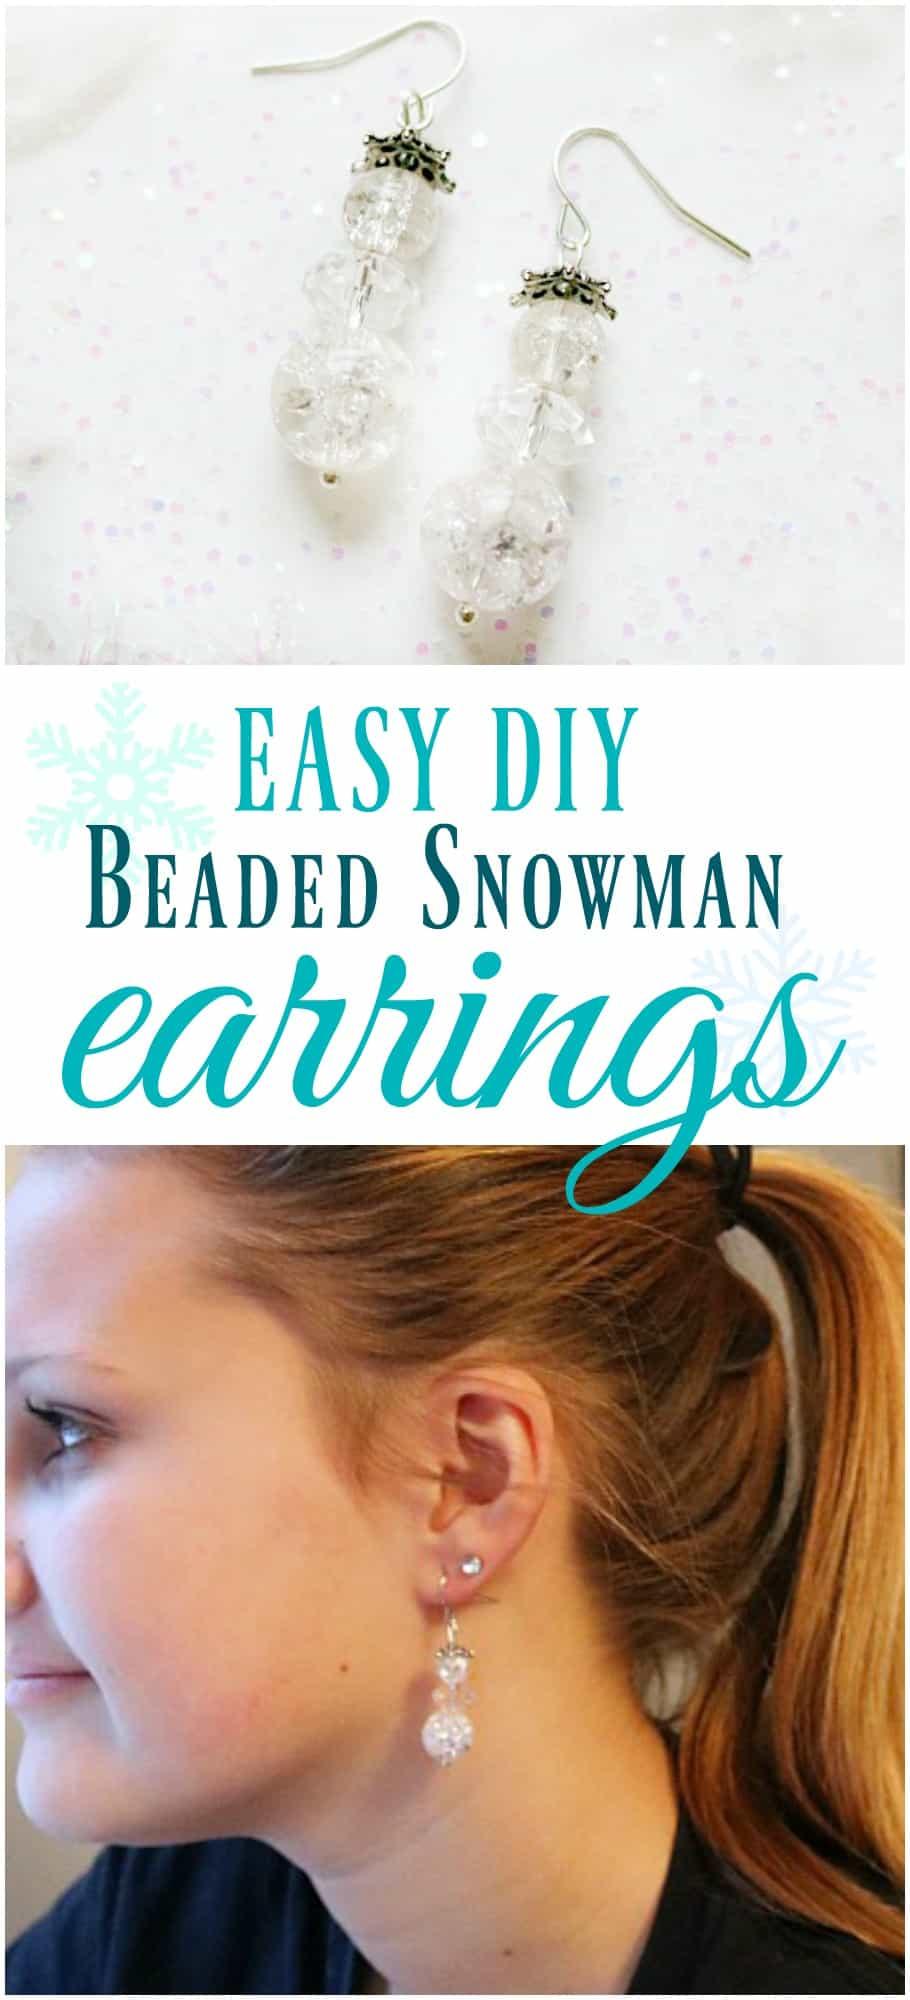 easy diy beaded snowman earrings